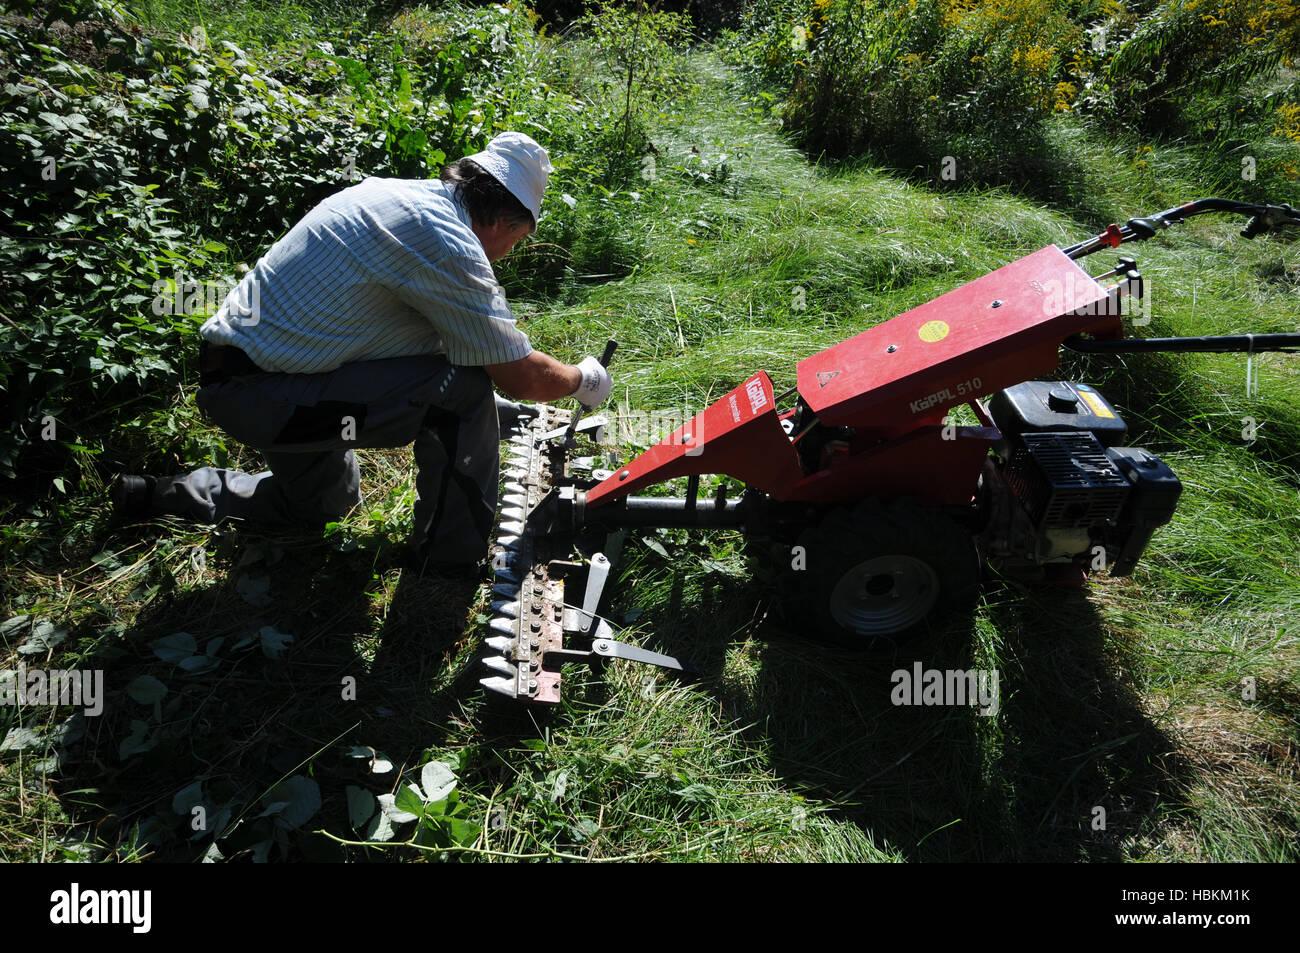 Lawn Mower Repair Stock Photos & Lawn Mower Repair Stock